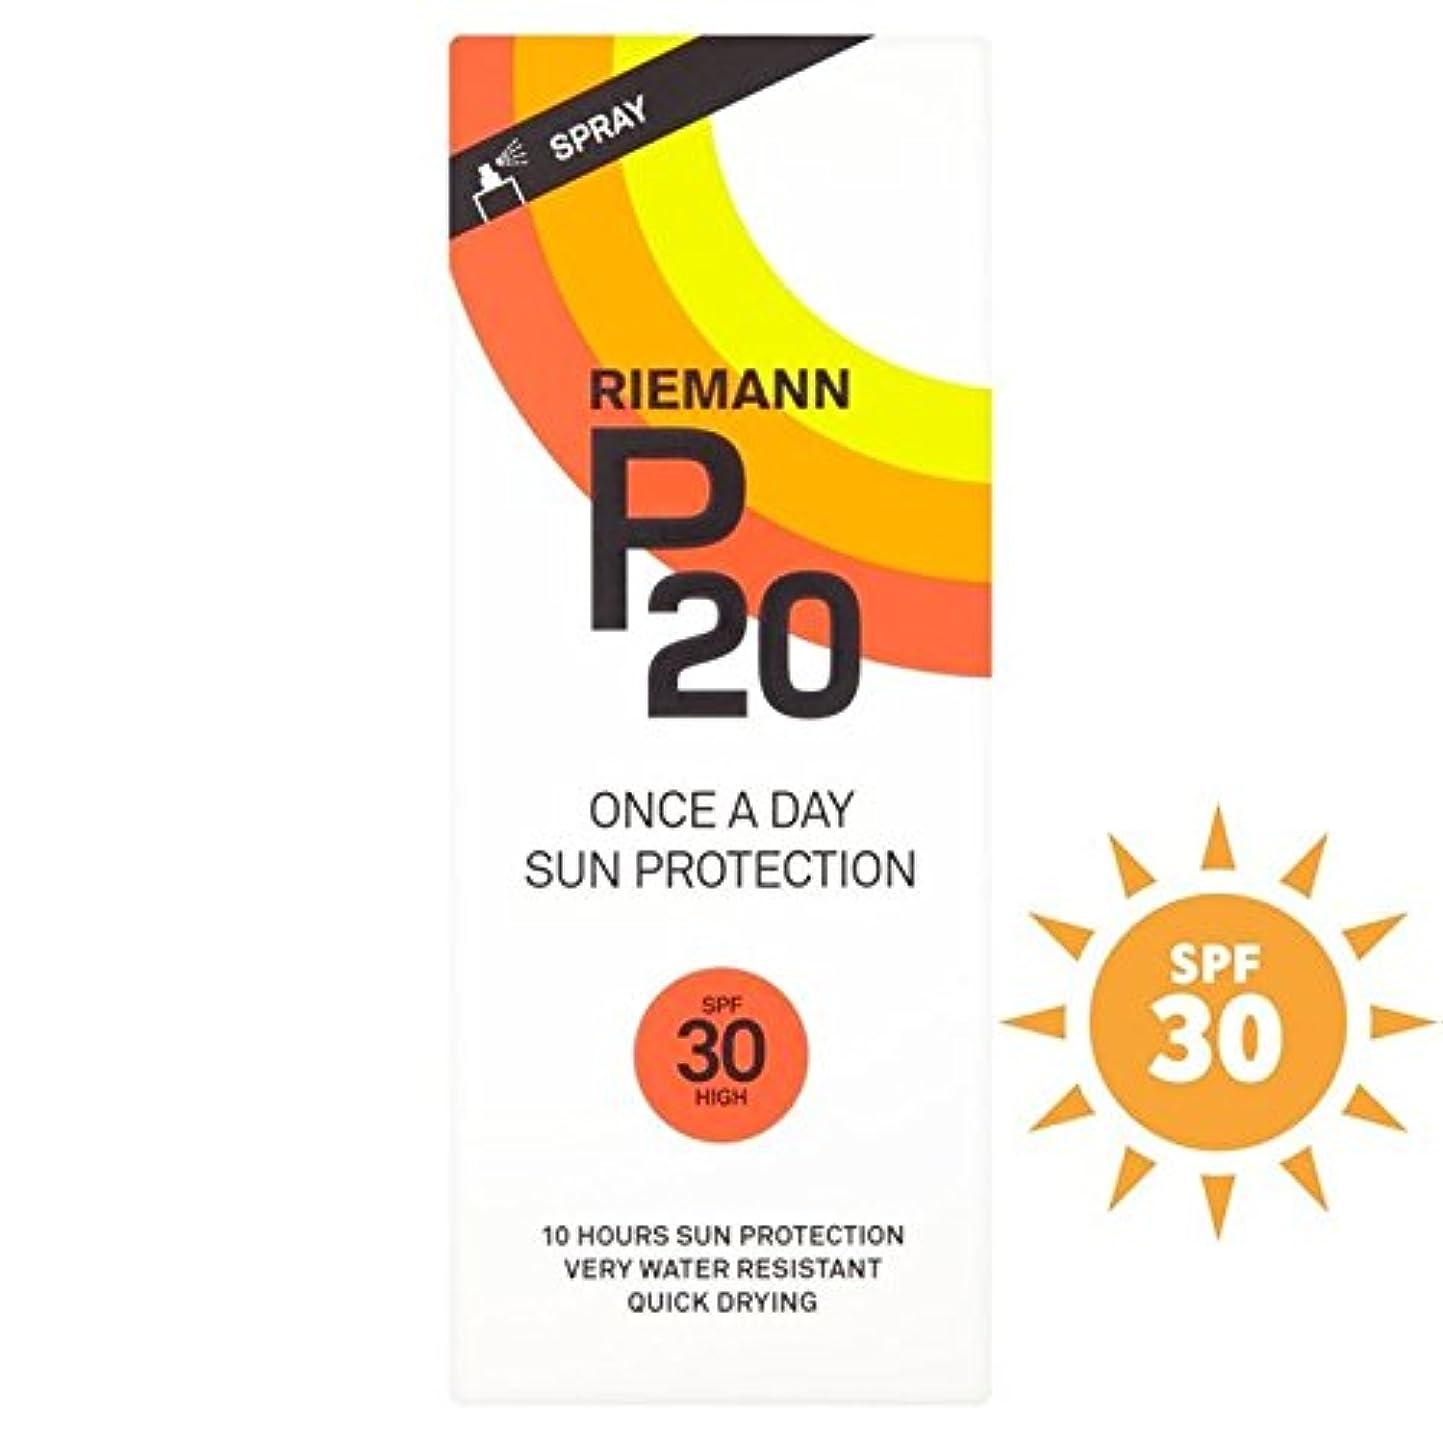 キルス生活精神医学リーマン20 30 1日/ 10時間の保護200ミリリットル x4 - Riemann P20 SPF30 1 Day/10 Hour Protection 200ml (Pack of 4) [並行輸入品]